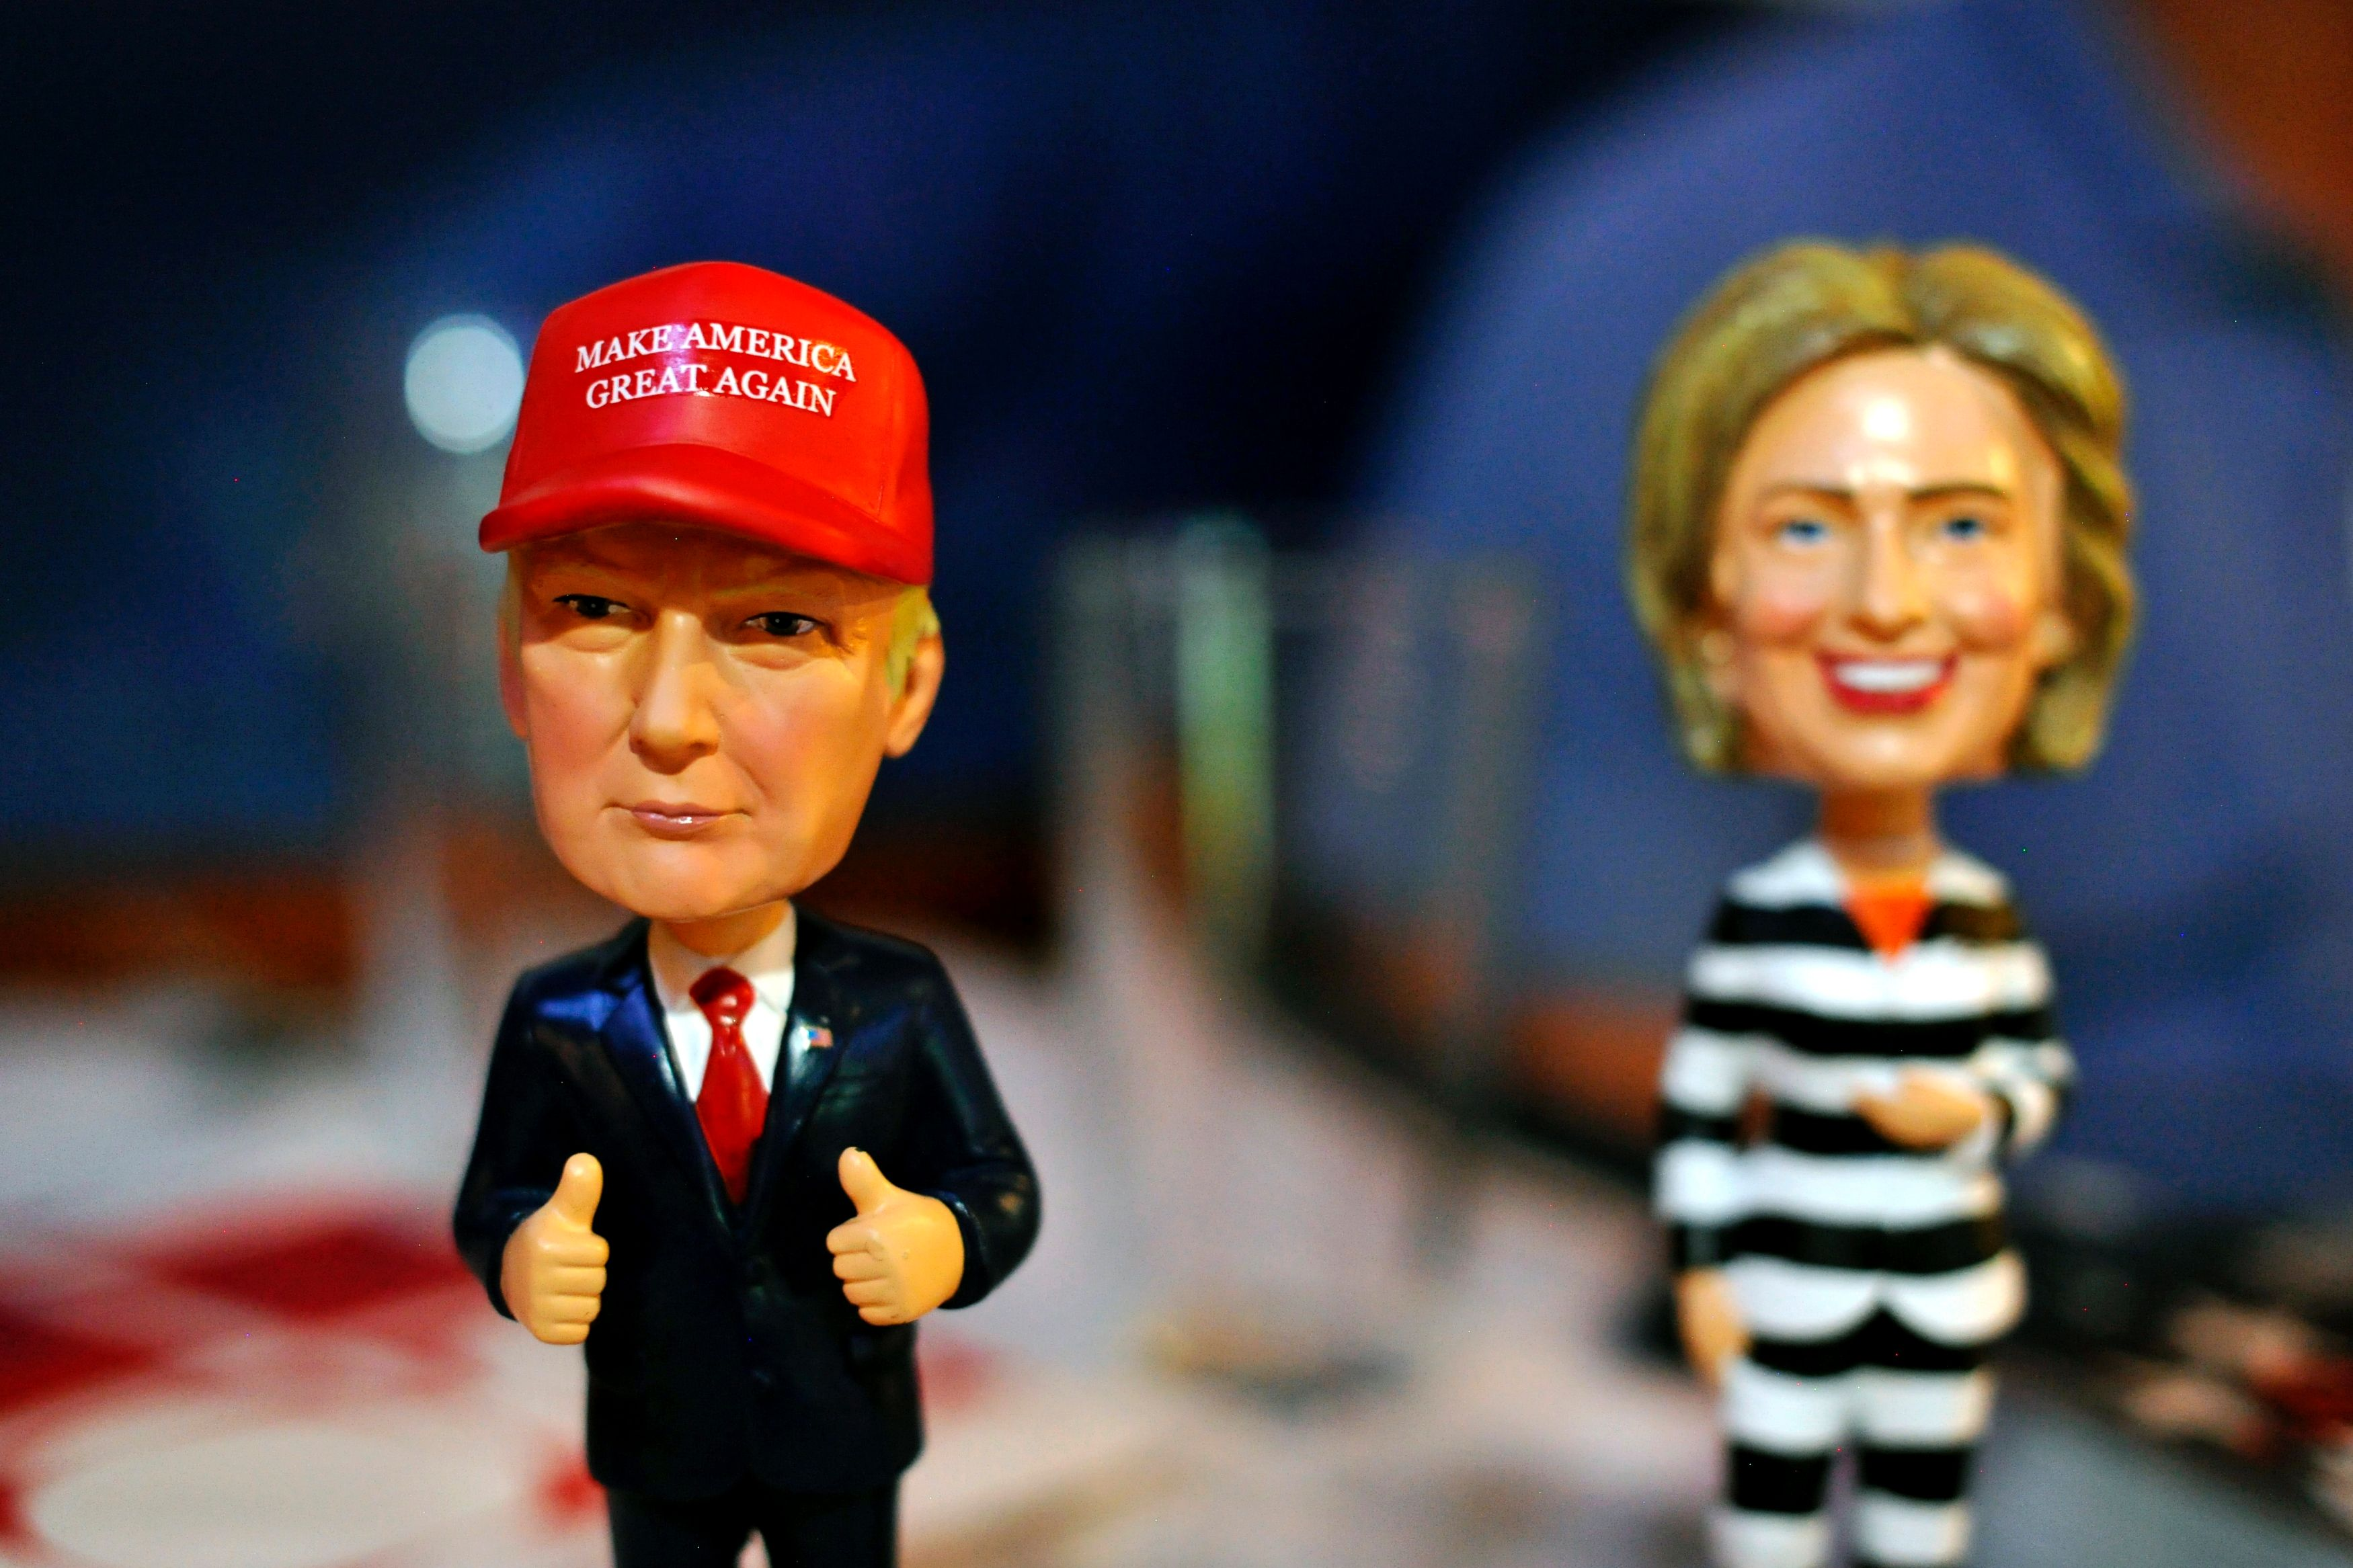 Längst sind Donald Trump und Hillary Clinton nach einem wüsten Wahlkampf  ein wenig zu Witzfiguren geworden